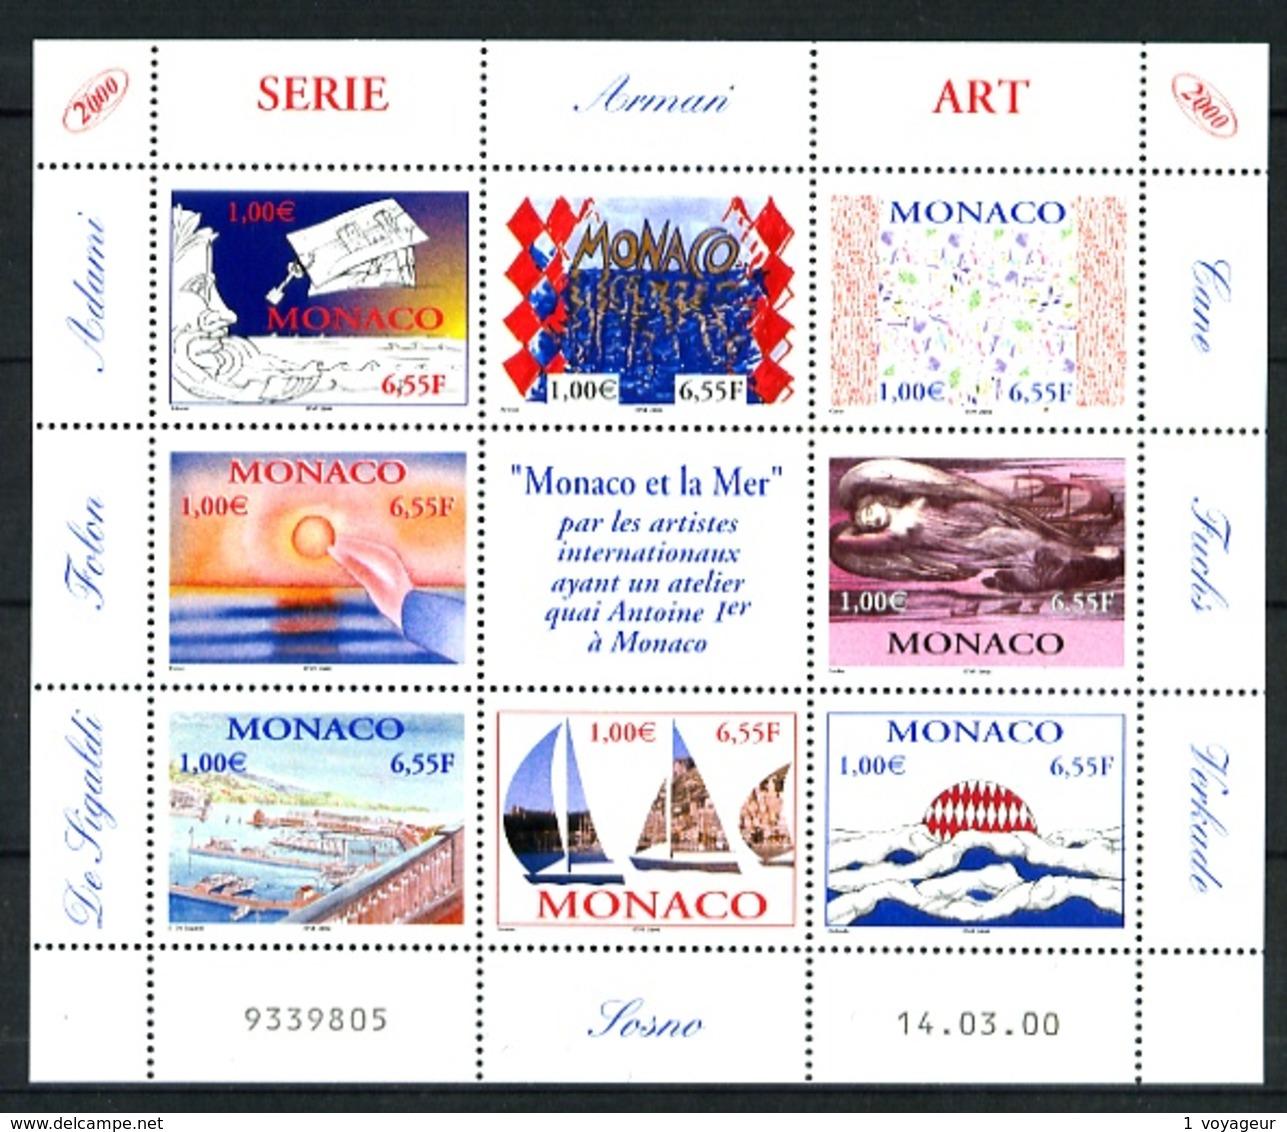 MONACO - 2240/2247 - Monaco Et La Mer - Feuillet 8 Valeurs - Neuf N** - Très Beau - Valeur Faciale 8,00 E - Neufs